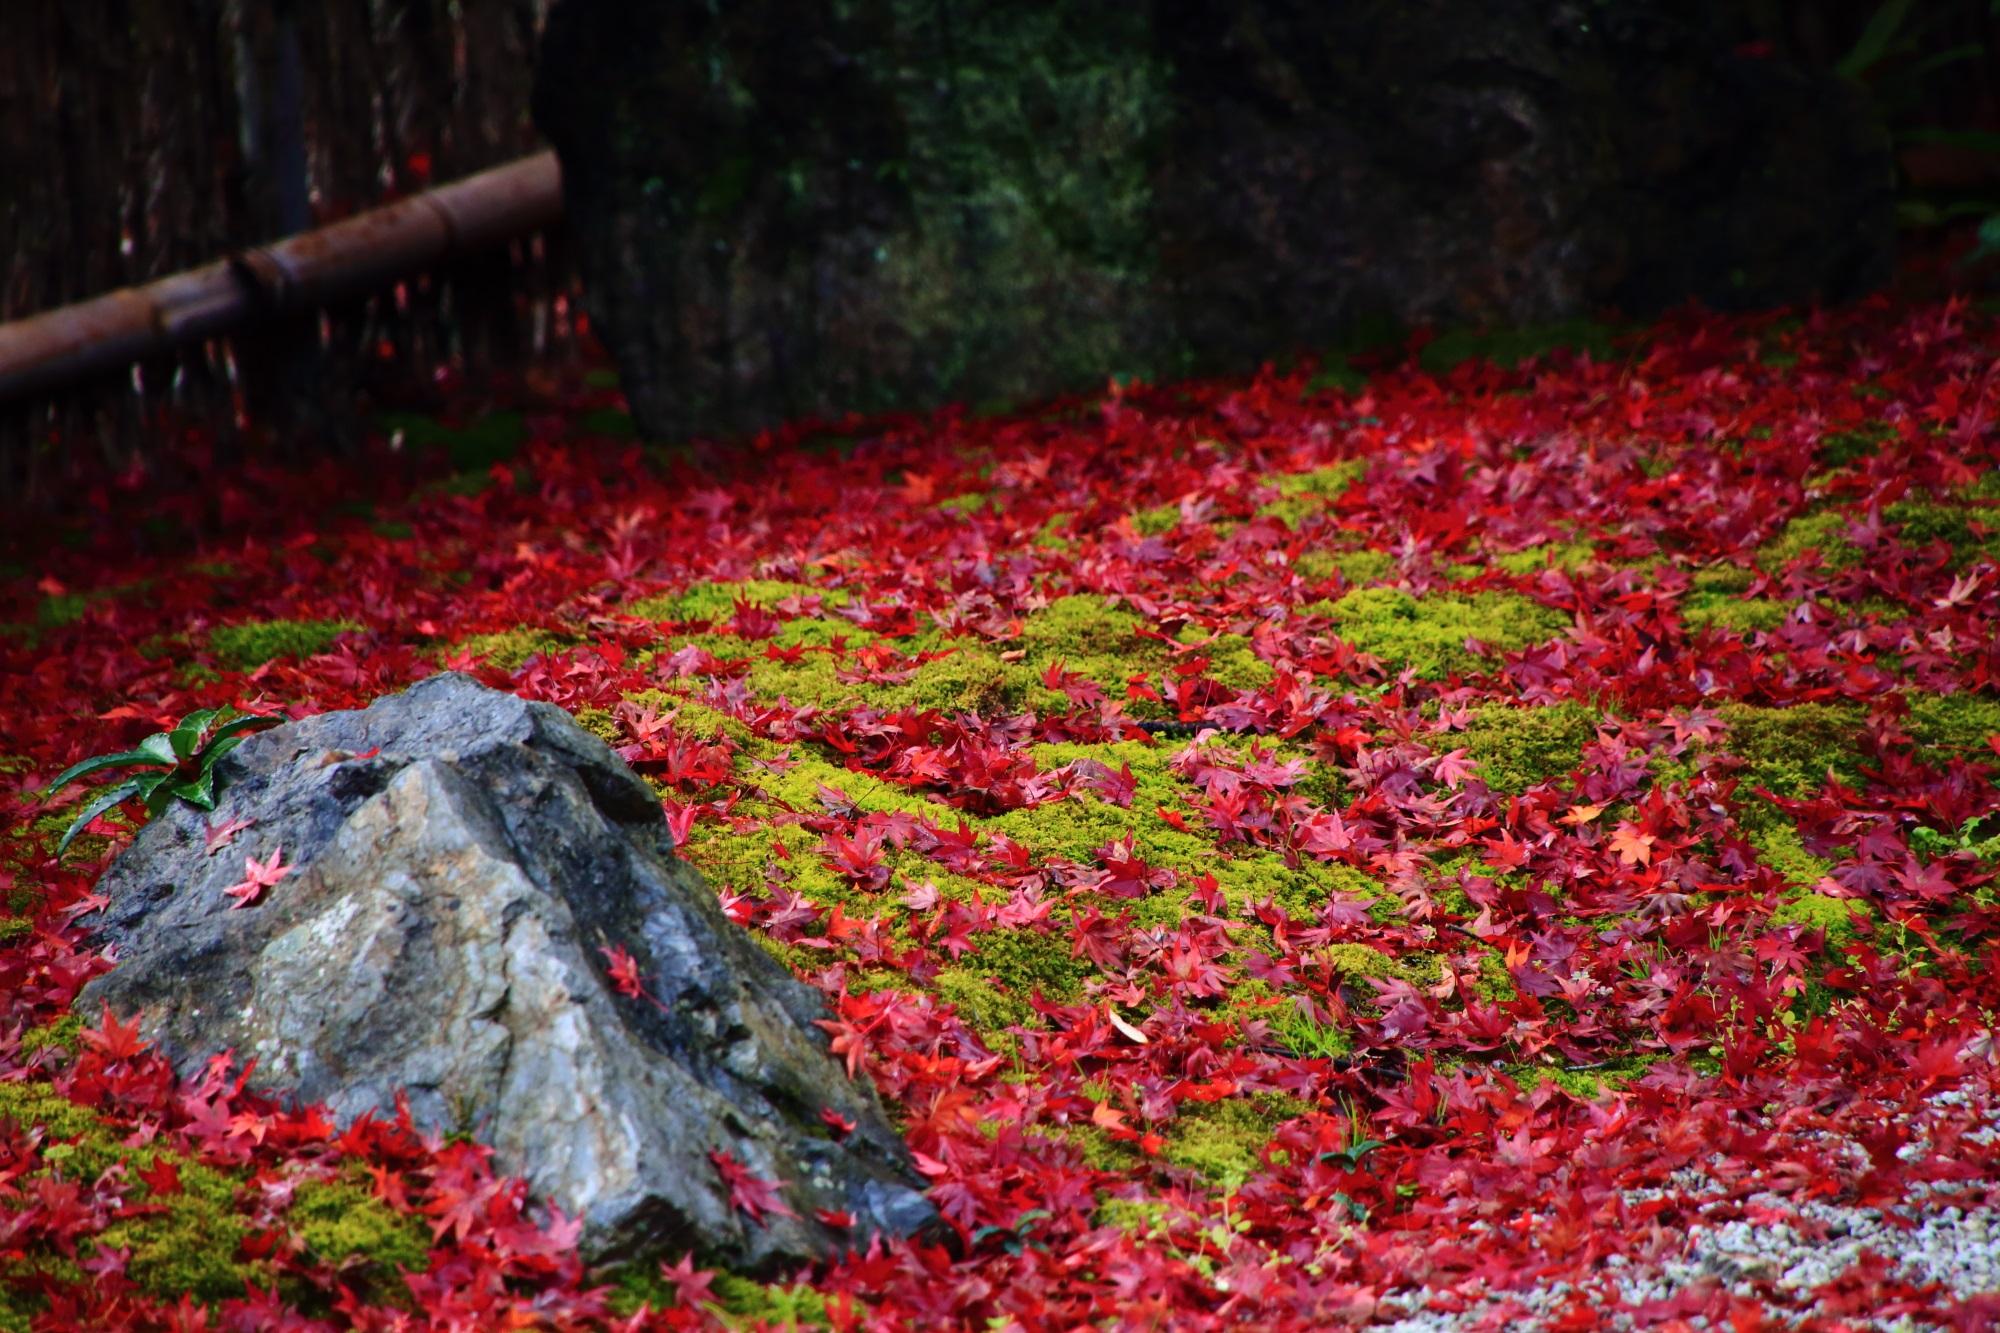 北嵯峨直指庵の阿弥陀堂庭園の風情ある苔と散りもみじ